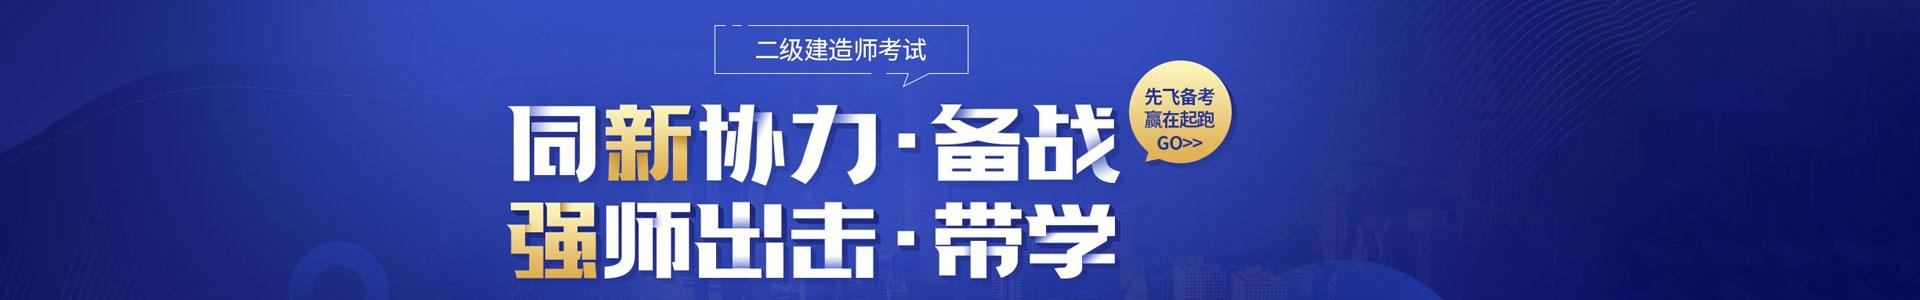 荆门二级建造师培训学校